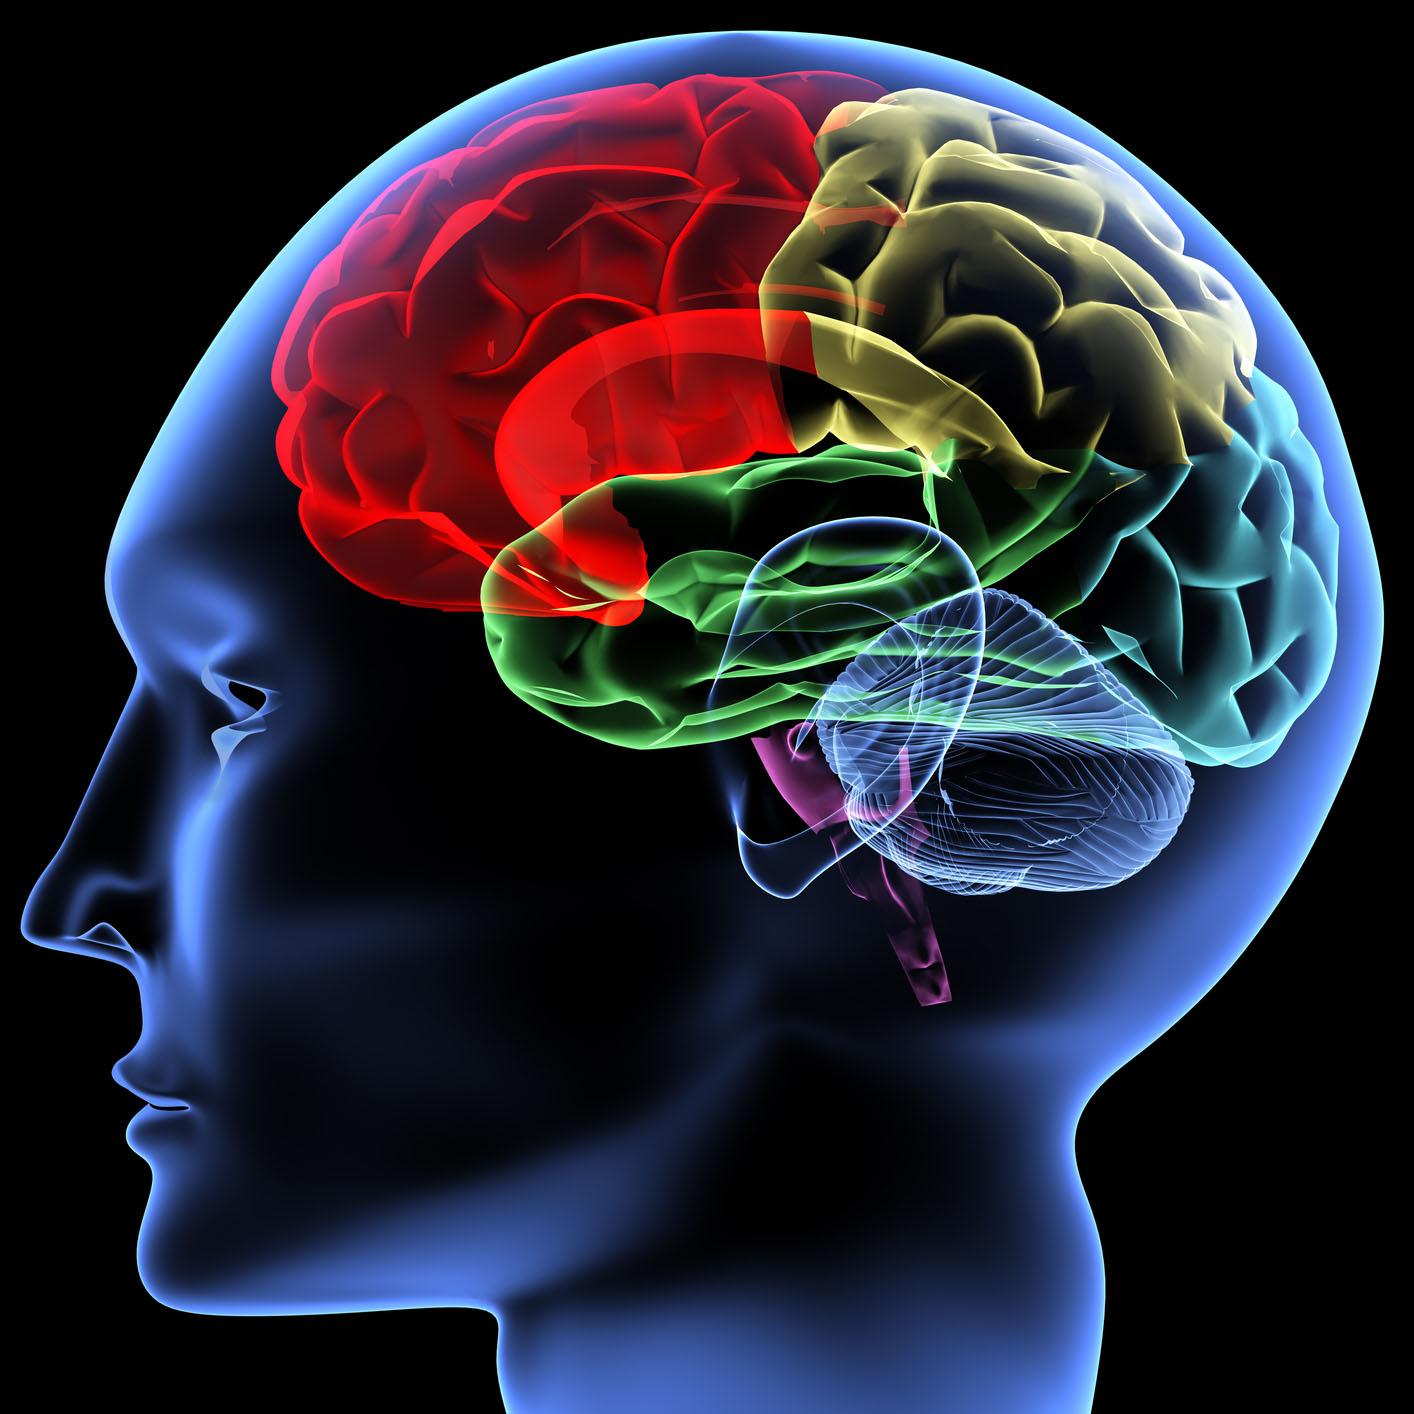 14 фактов, доказывающих то, что ваш мозг работает намного сложнее и интереснее, чем вы думаете